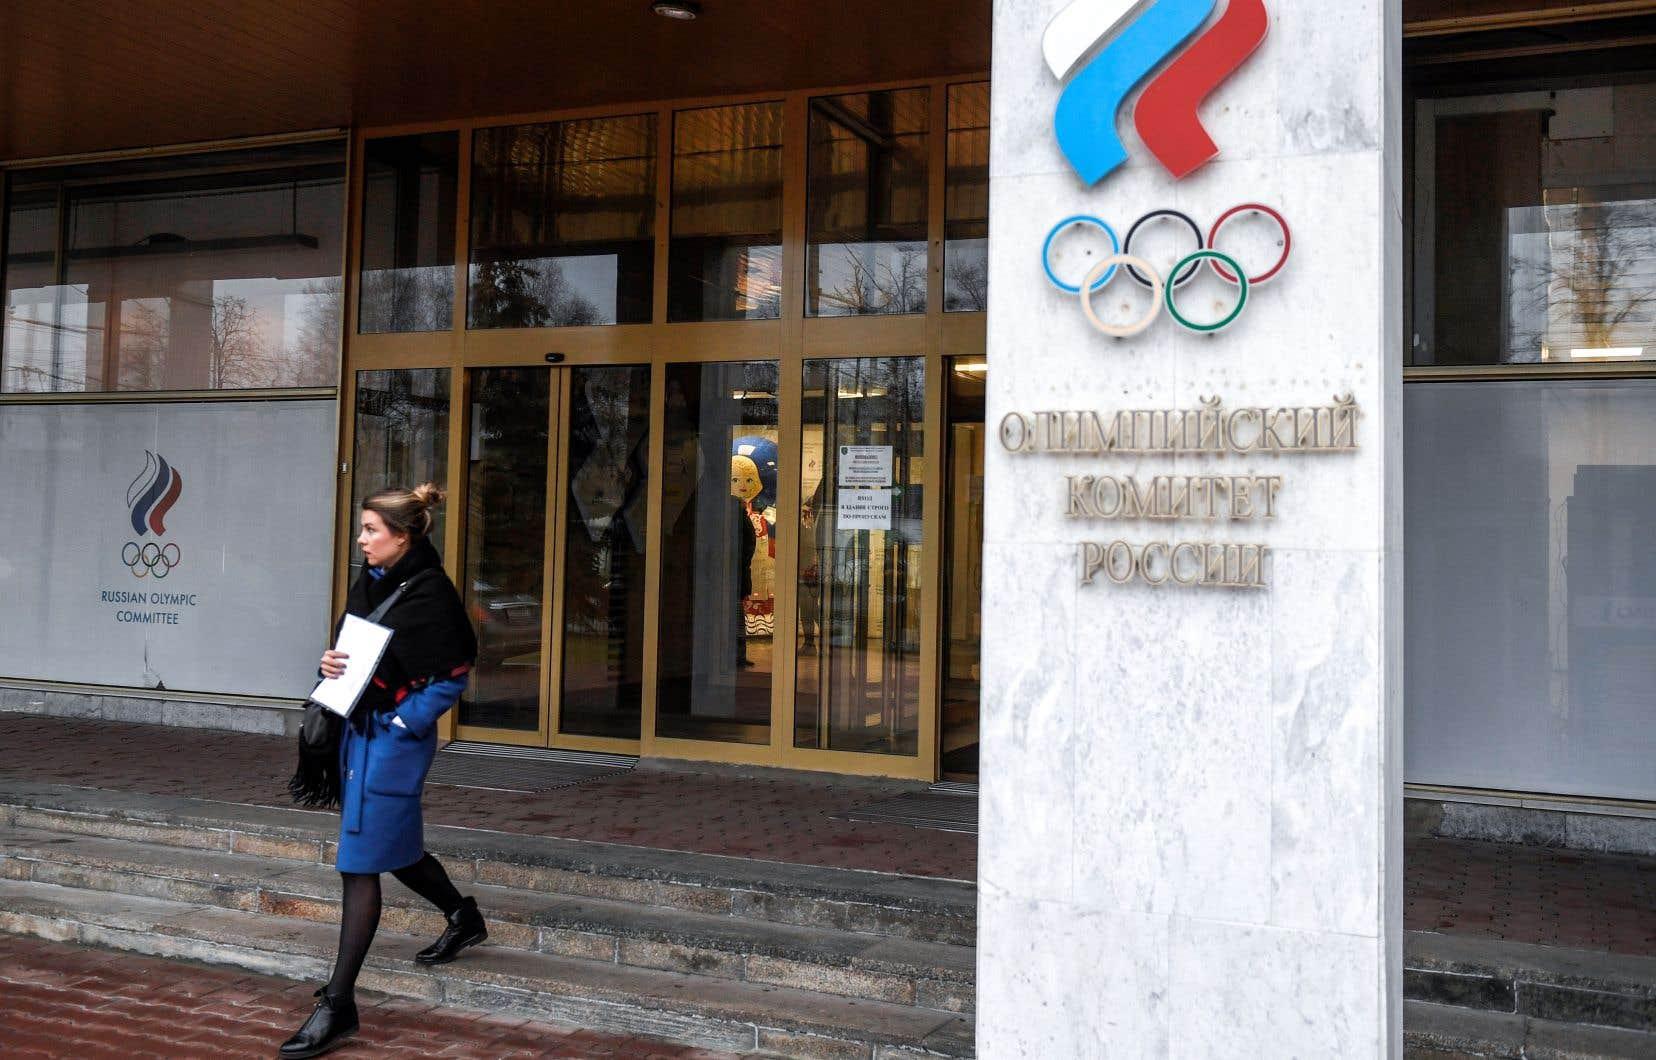 L'AMA a interdit l'utilisation du nom et du drapeau de la Russie dans toutes les compétitions sportives d'envergure pendant quatre ans, y compris aux Jeux Olympiques.